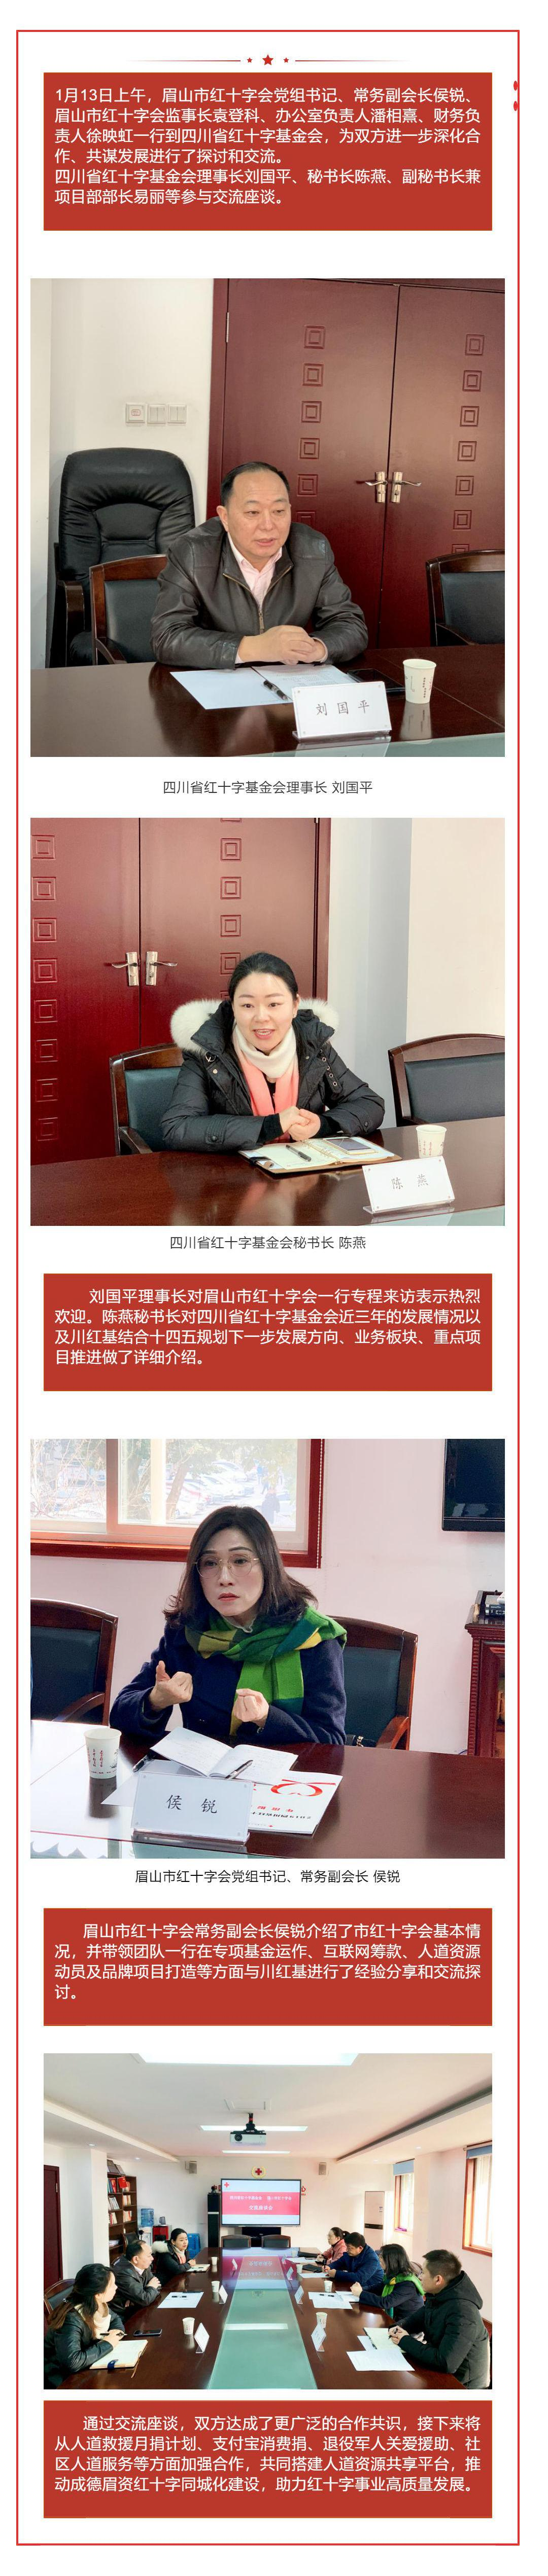 深入合作、共谋发展!四川省红十字基金会与眉山市红十字会开展交流座谈会.jpg